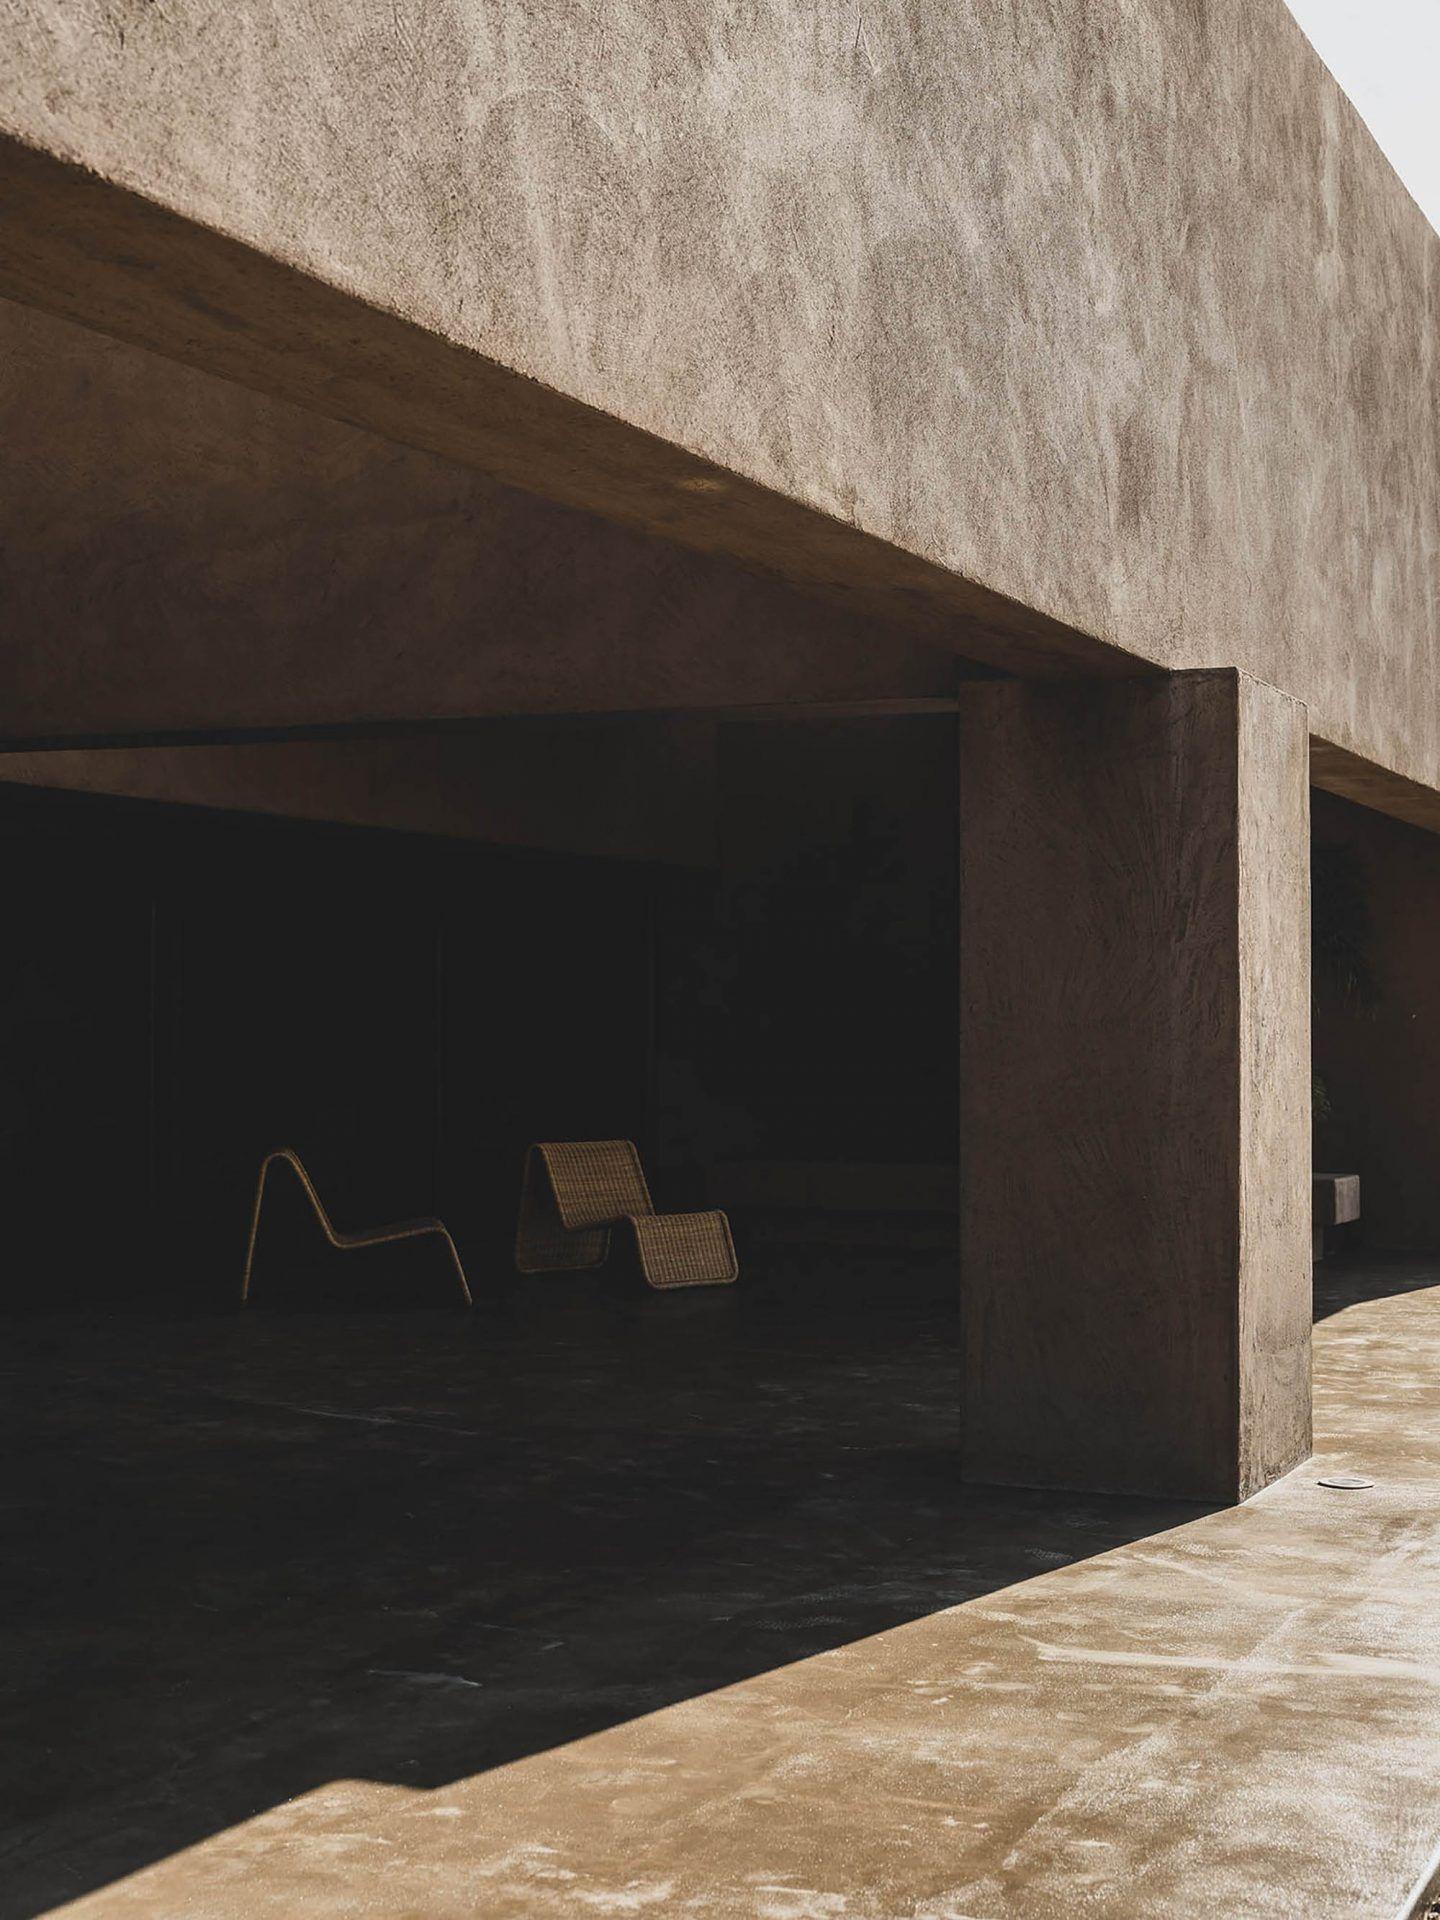 IGNANT-Architecture-Morq-Villa-Ra-9